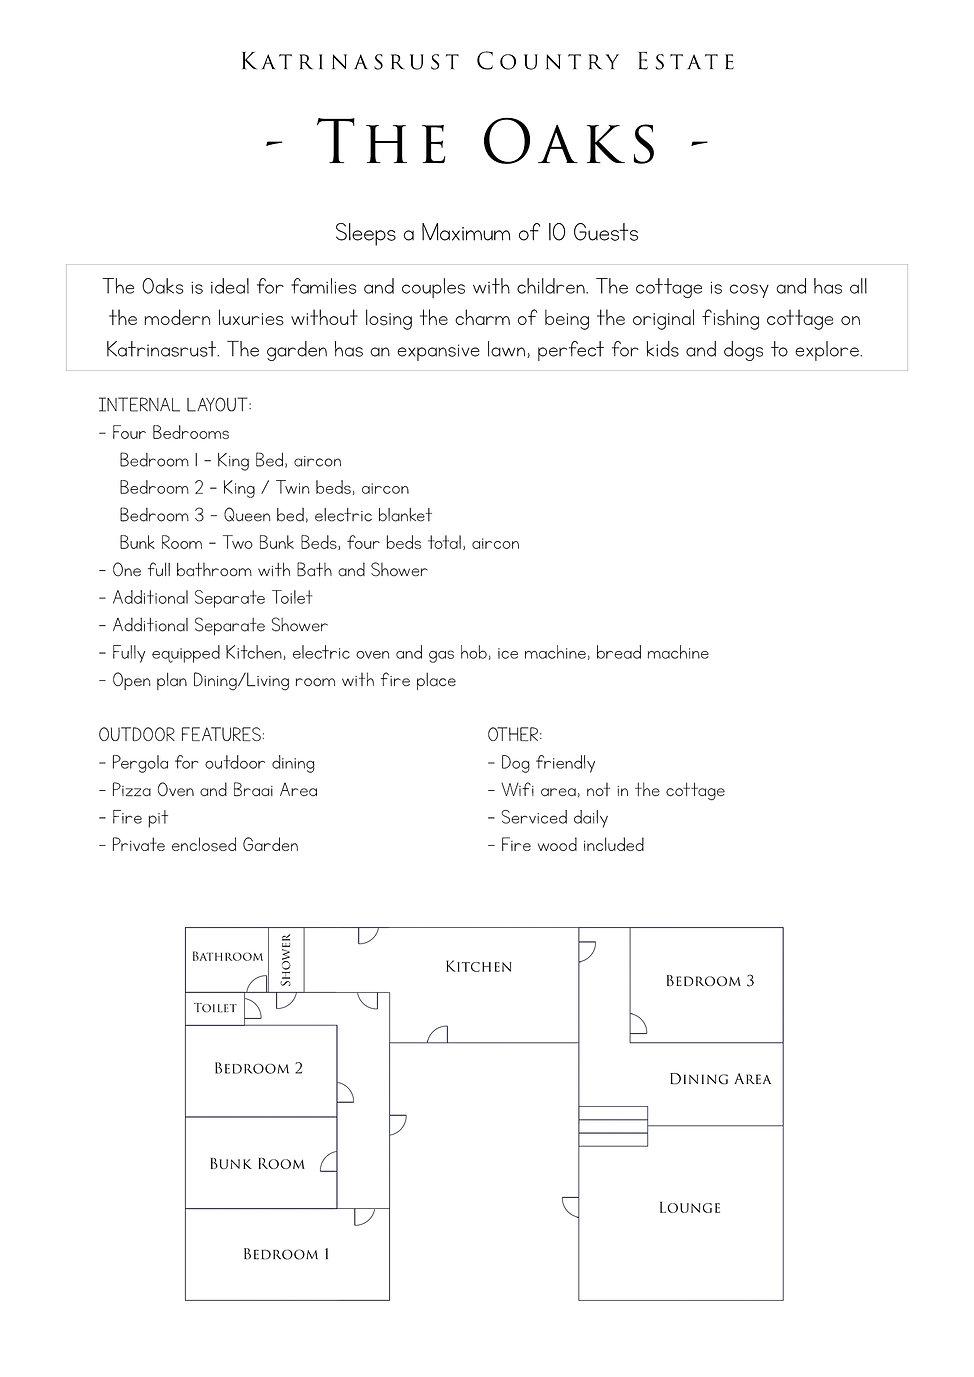 The Oaks Info Sheet.jpg